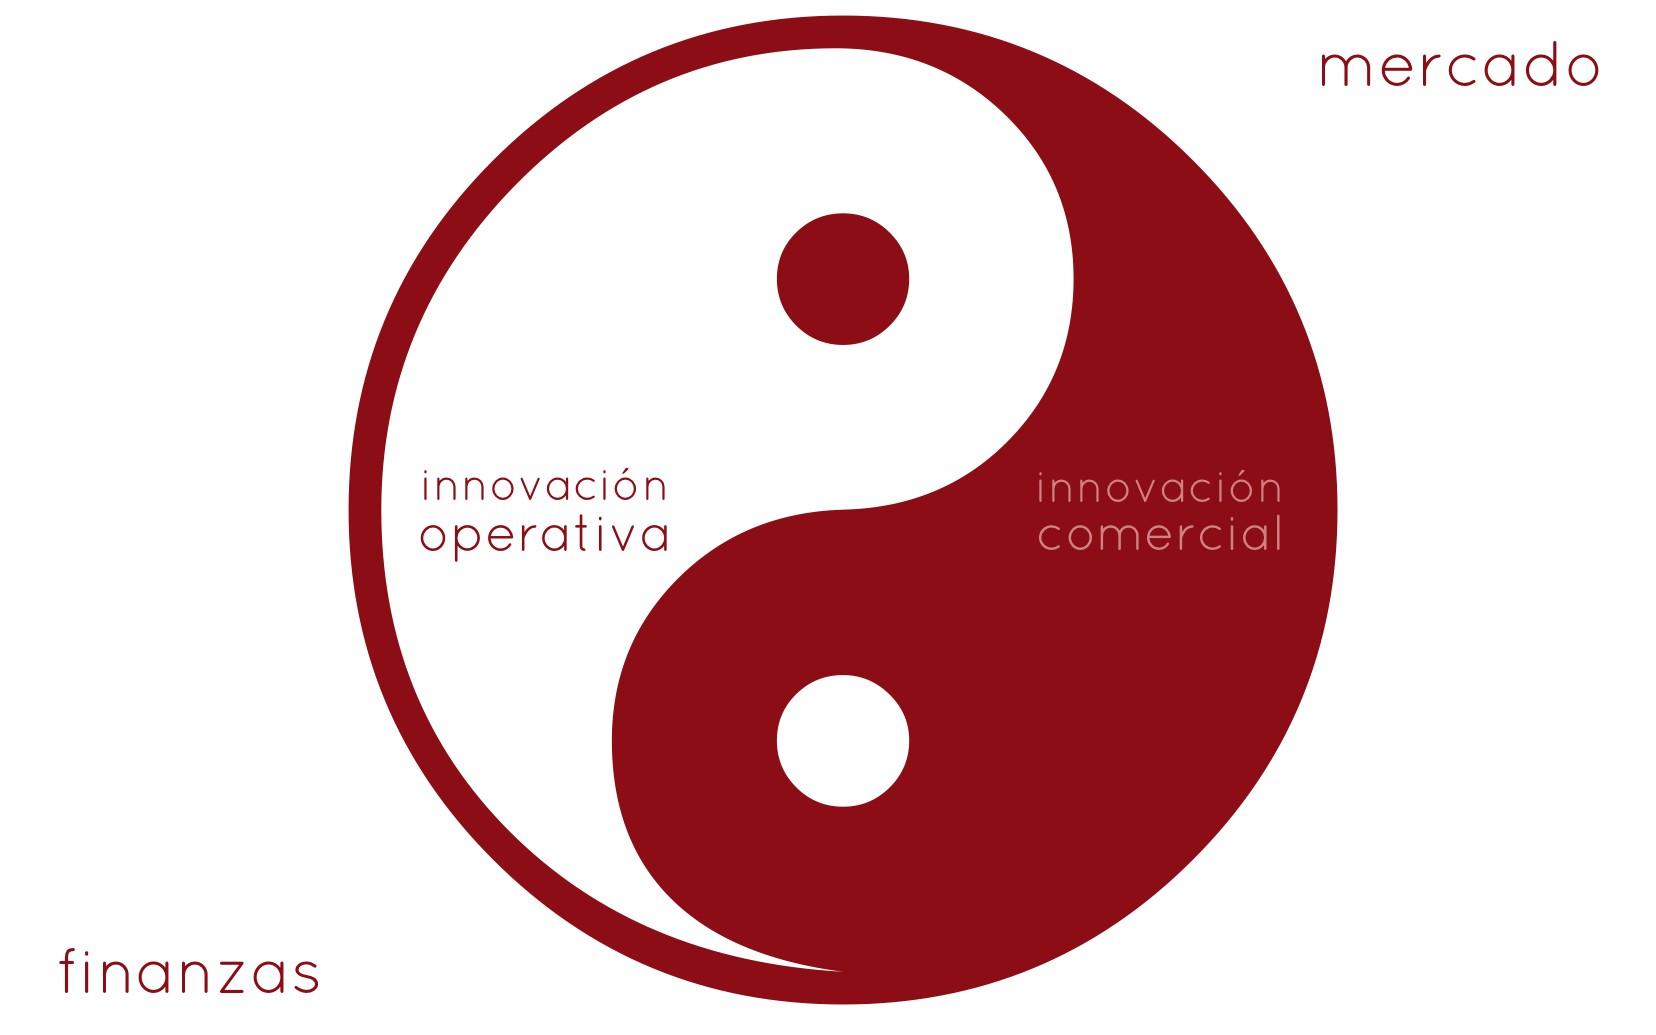 innovacion interna vs externa